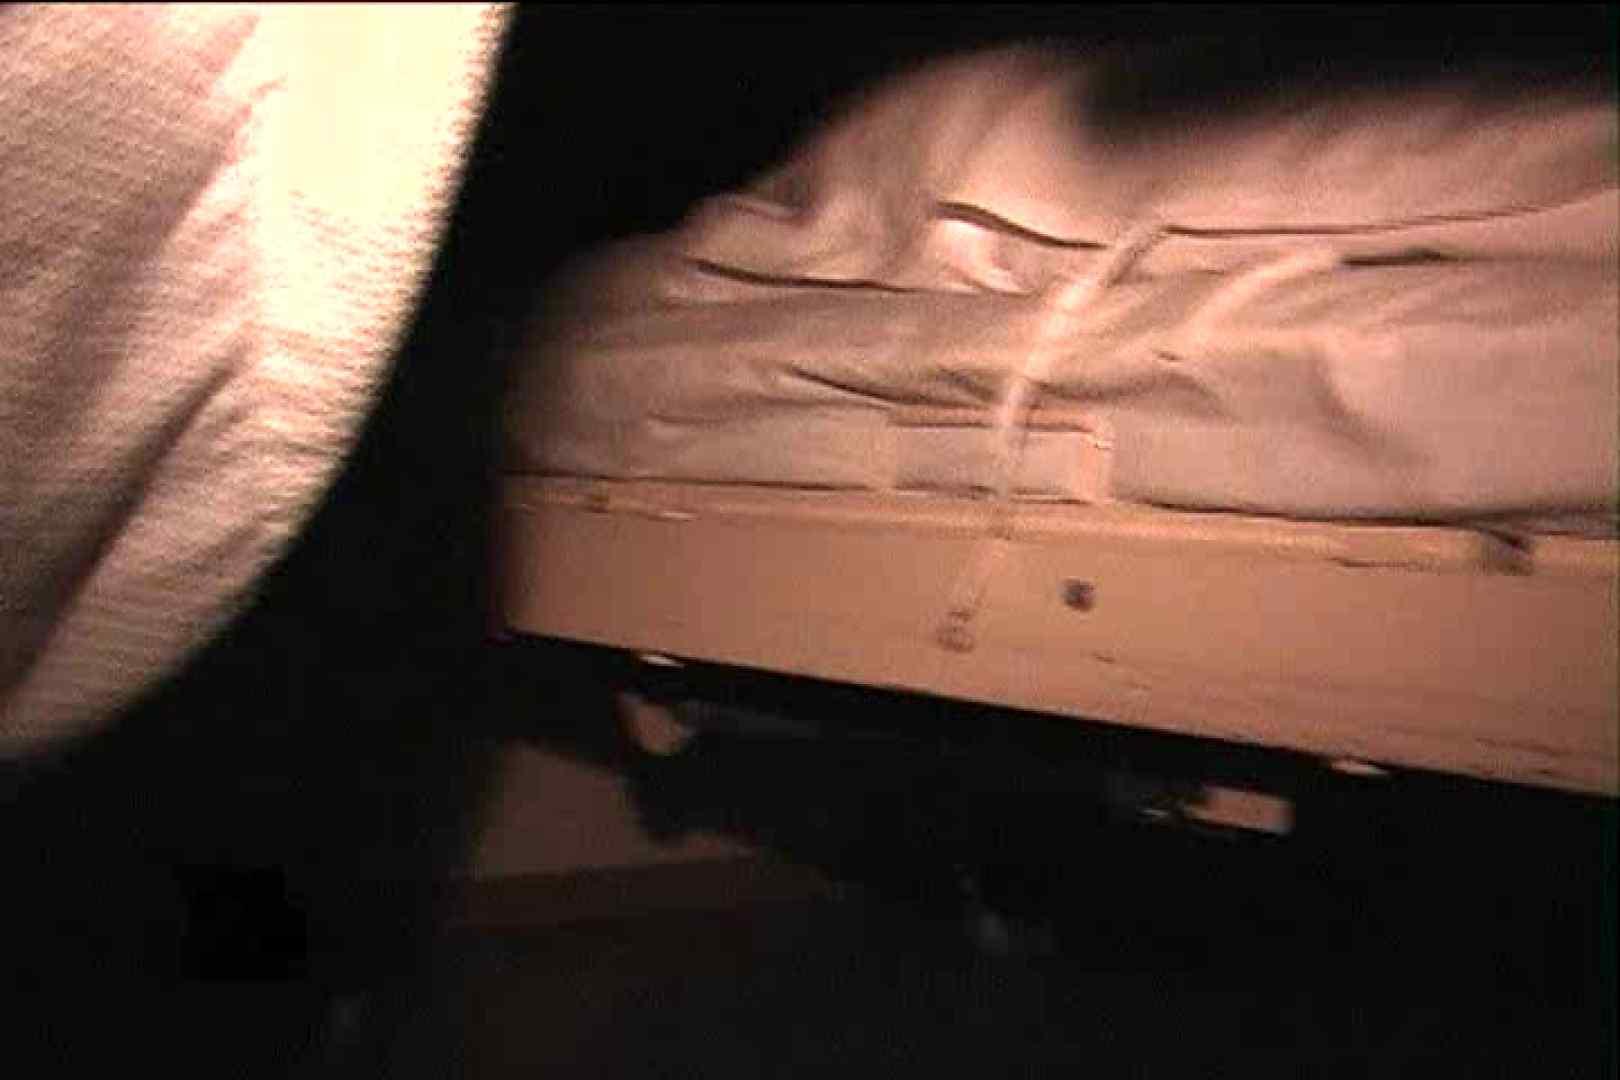 暗躍する夜這い師達Vol.8 悪戯 ヌード画像 79PIX 71